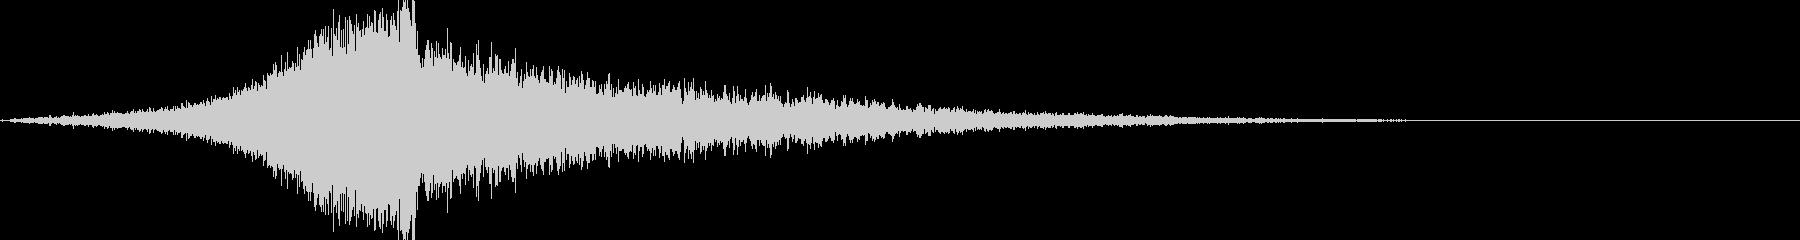 シューバン:ハイブリット音オープニング3の未再生の波形